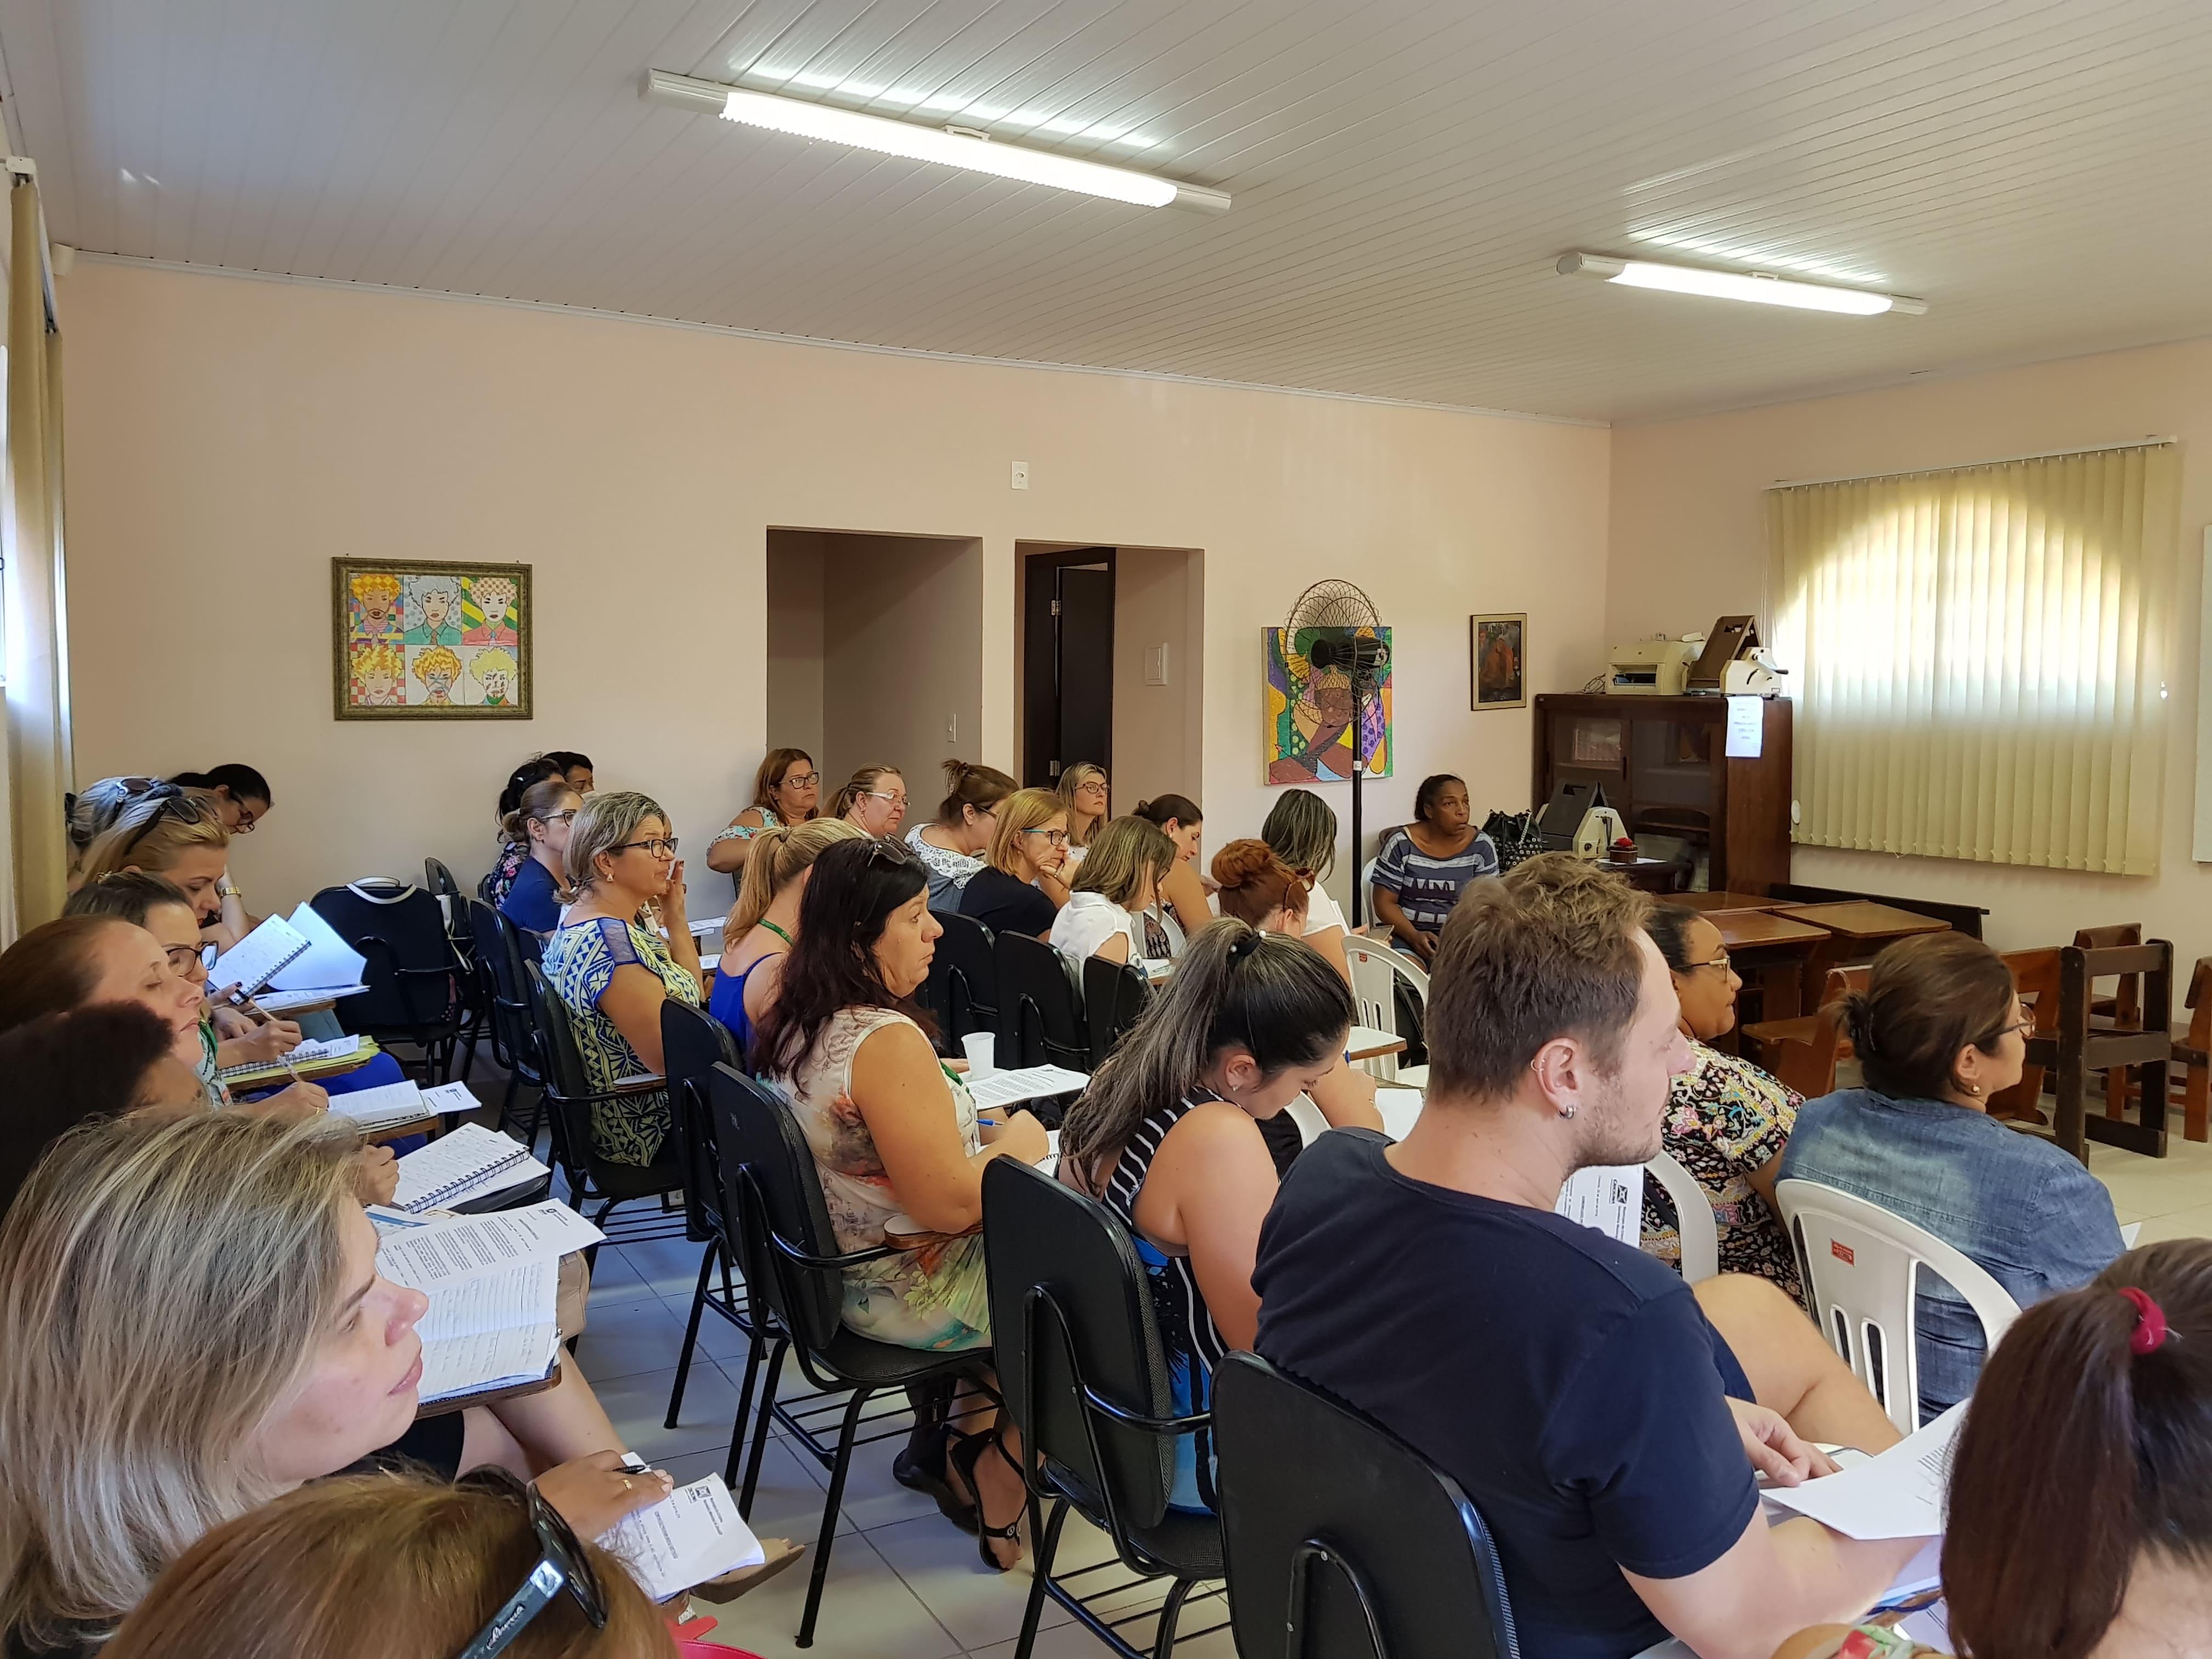 Prefeitura Municipal de Criciúma - Gestores recebem capacitação sobre Programa Mais Alfabetização